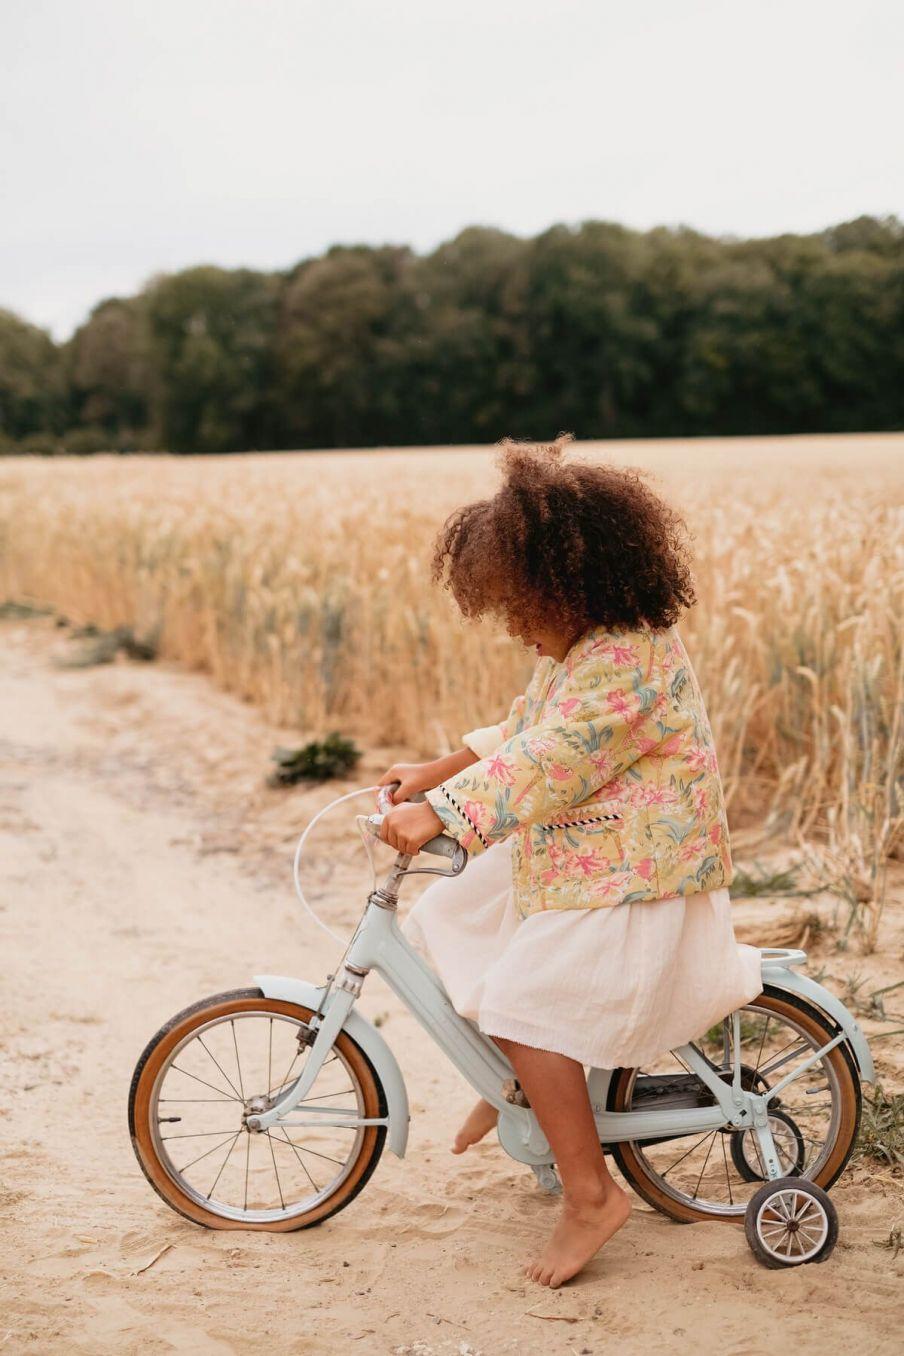 boheme chic vintage veste bébé fille soluta soft honey parrots